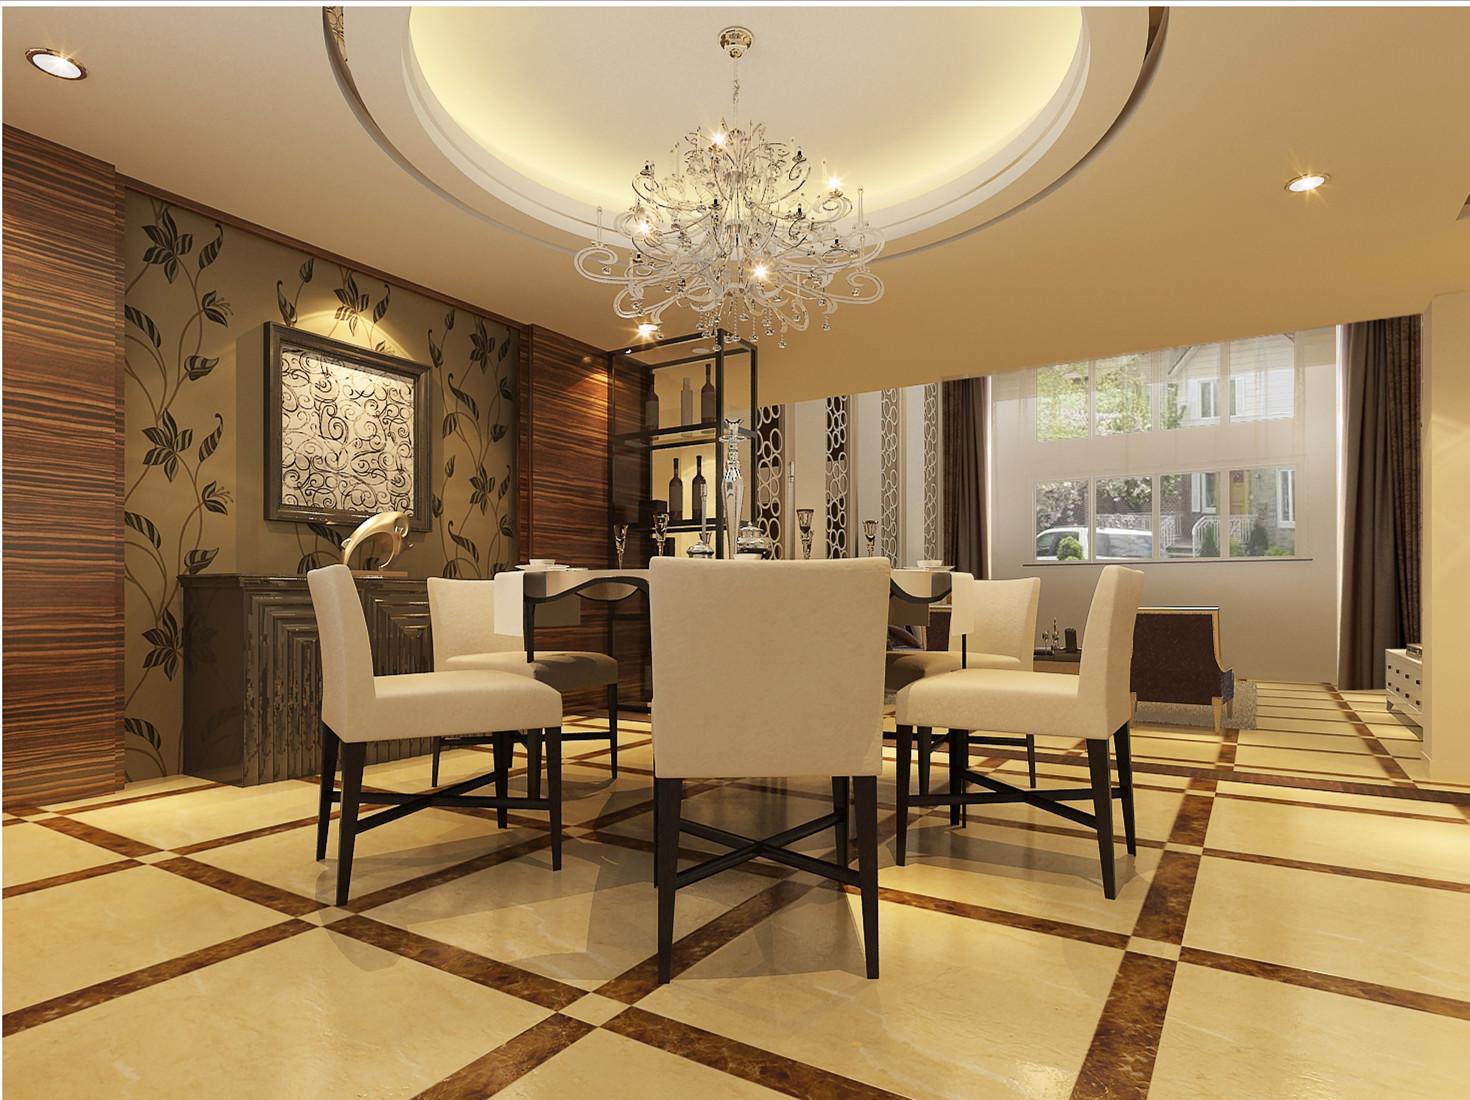 简约 欧式 别墅 80后 小资 餐厅图片来自合肥实创装饰李东风在温馨和谐的简约风格装修的分享